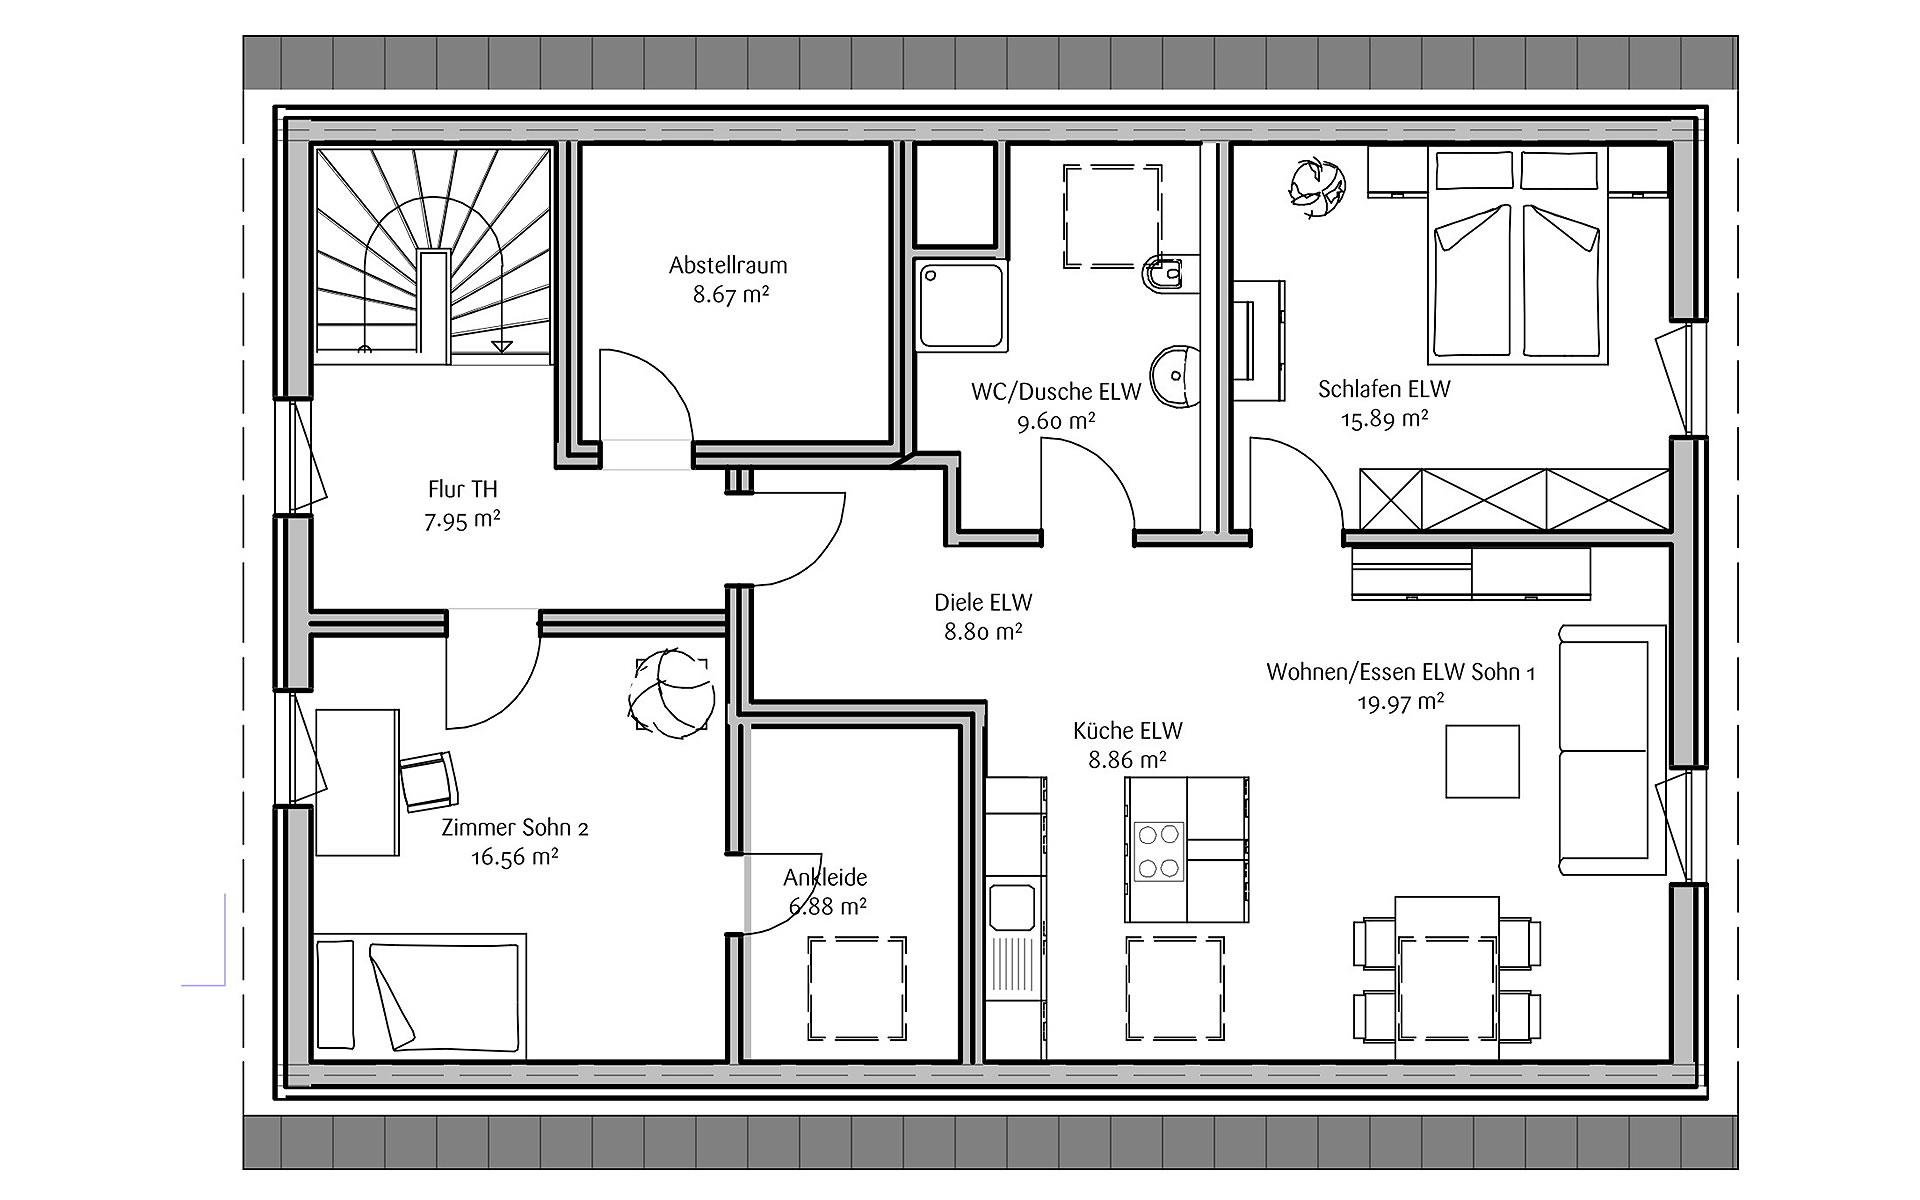 Dachgeschoss LaVita familia von FischerHaus GmbH & Co. KG